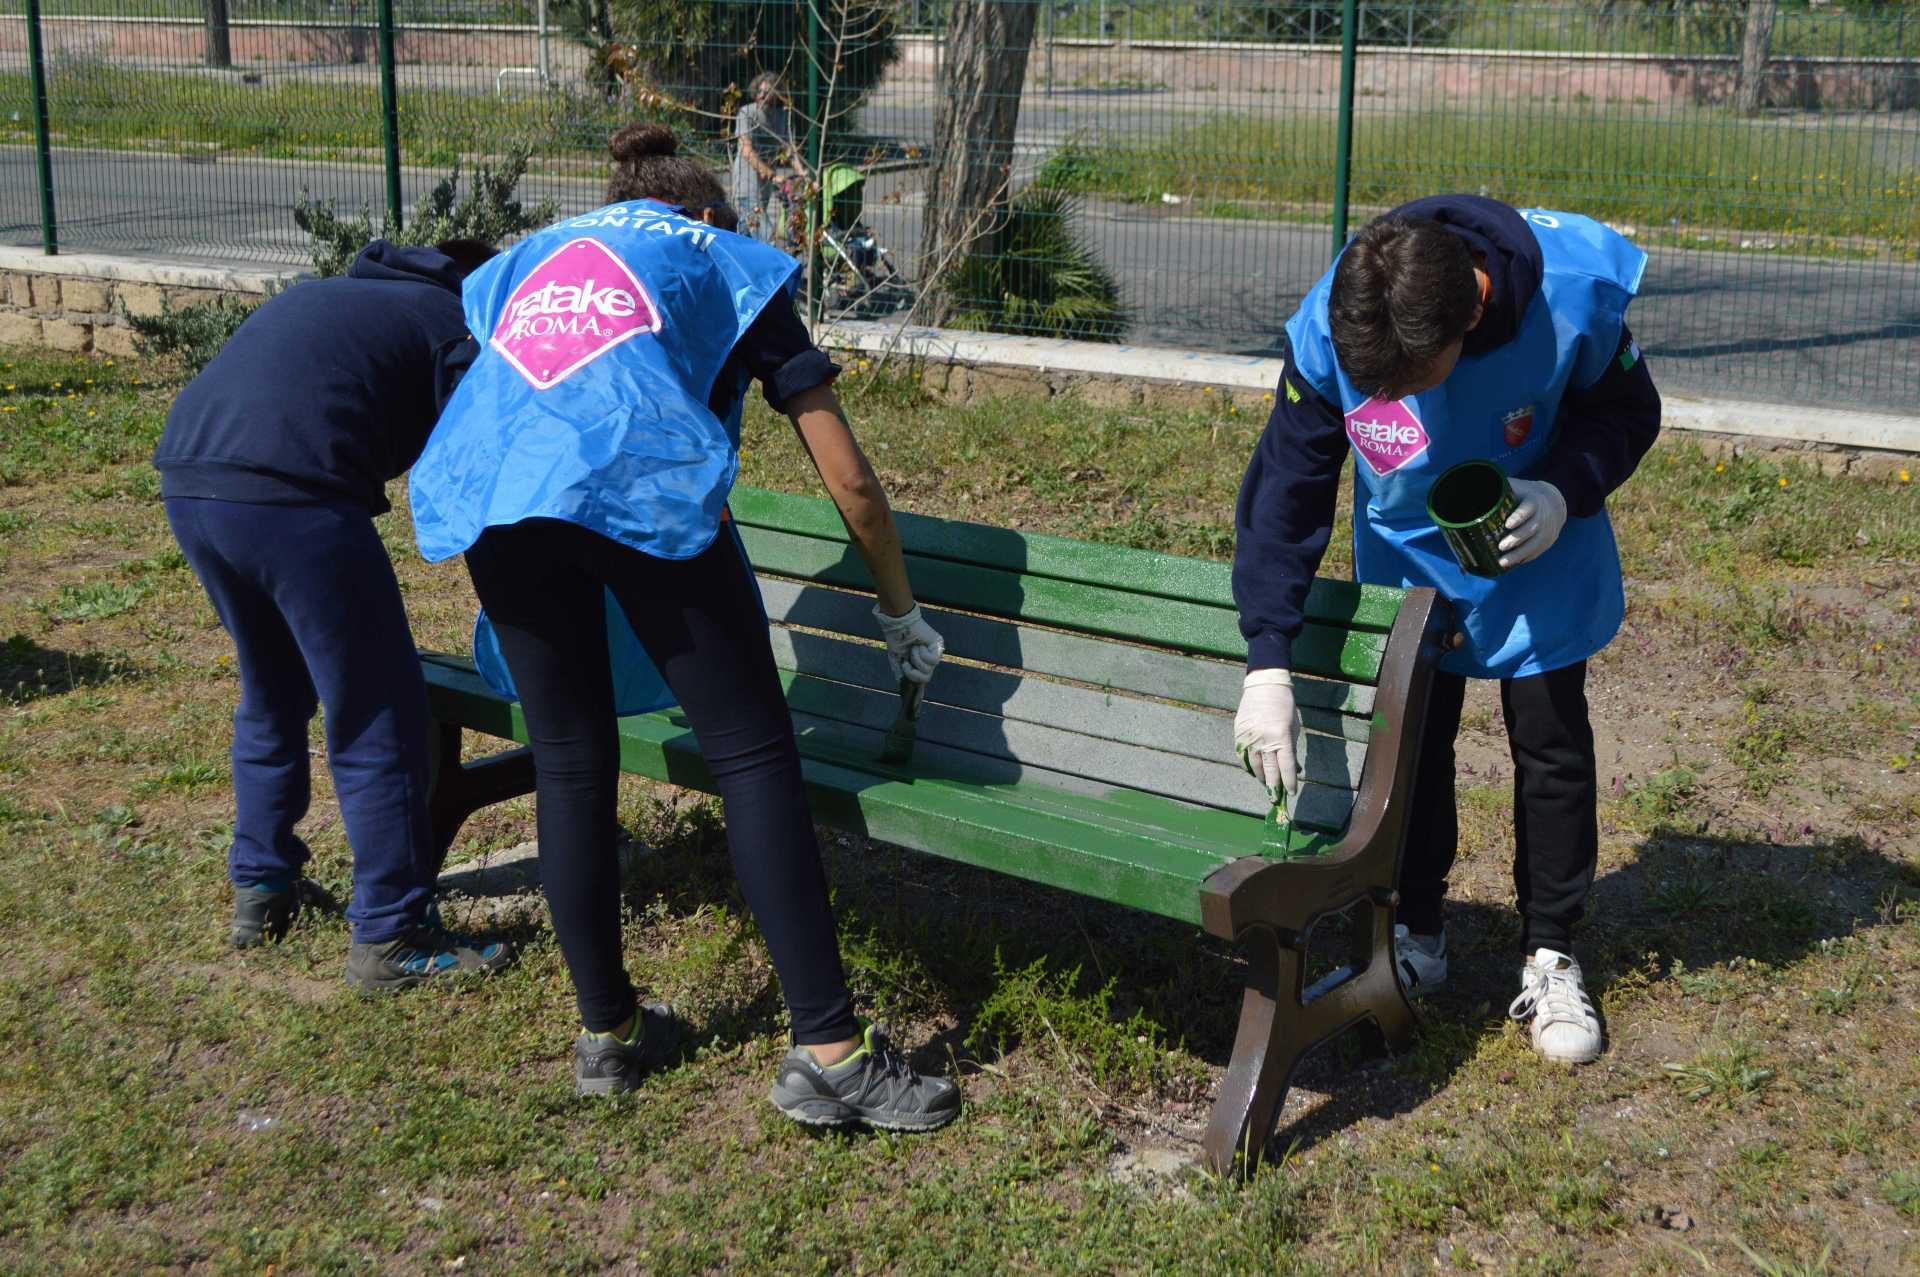 Retake Ostia ed il Gruppo Scout ASEI nel parco Gianni Rodari